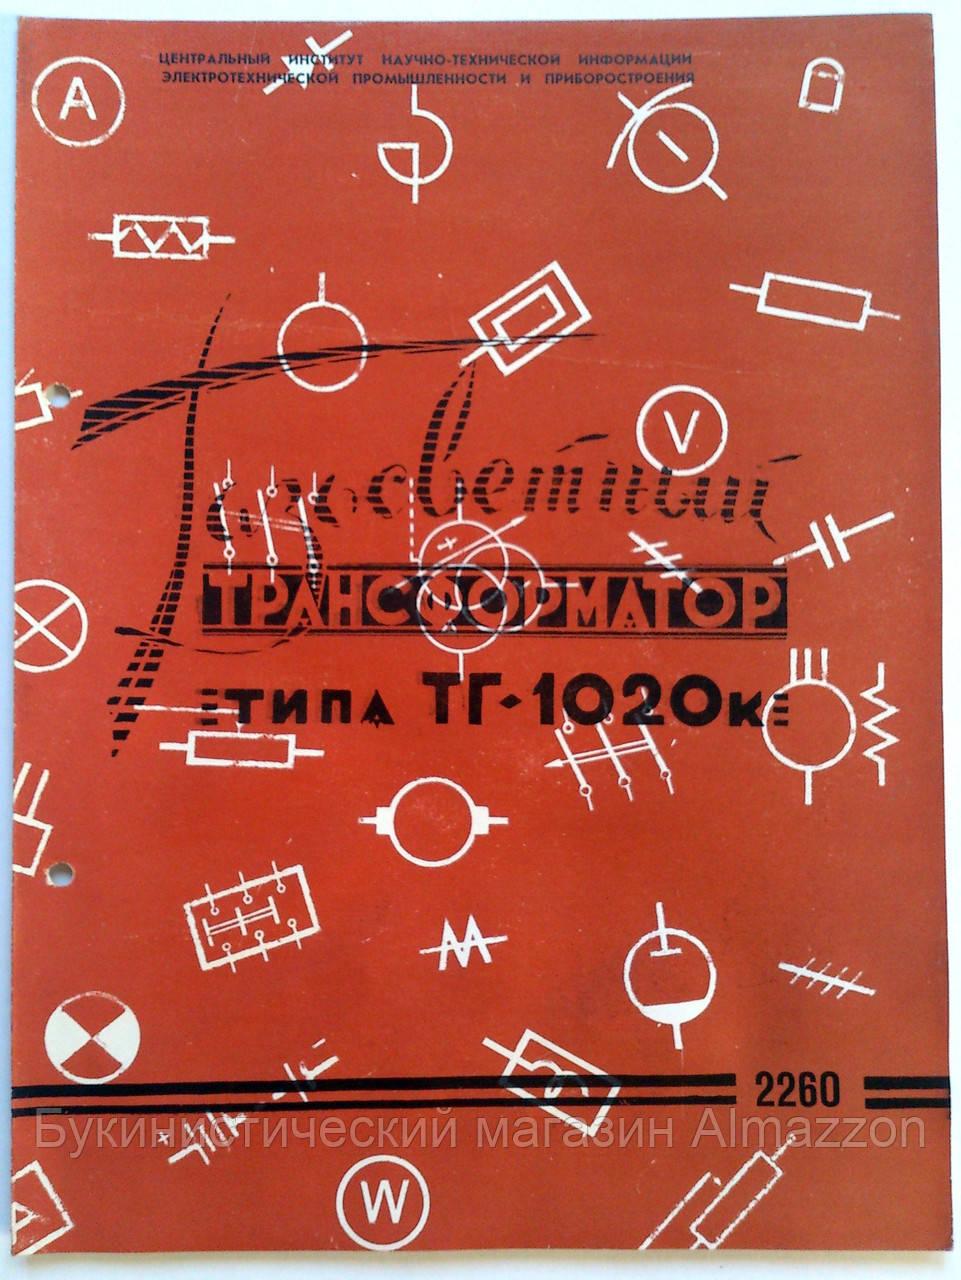 """Журнал (Бюллетень) """"Газосветный трансформатор типа ТГ-1020К"""" 1961 год"""